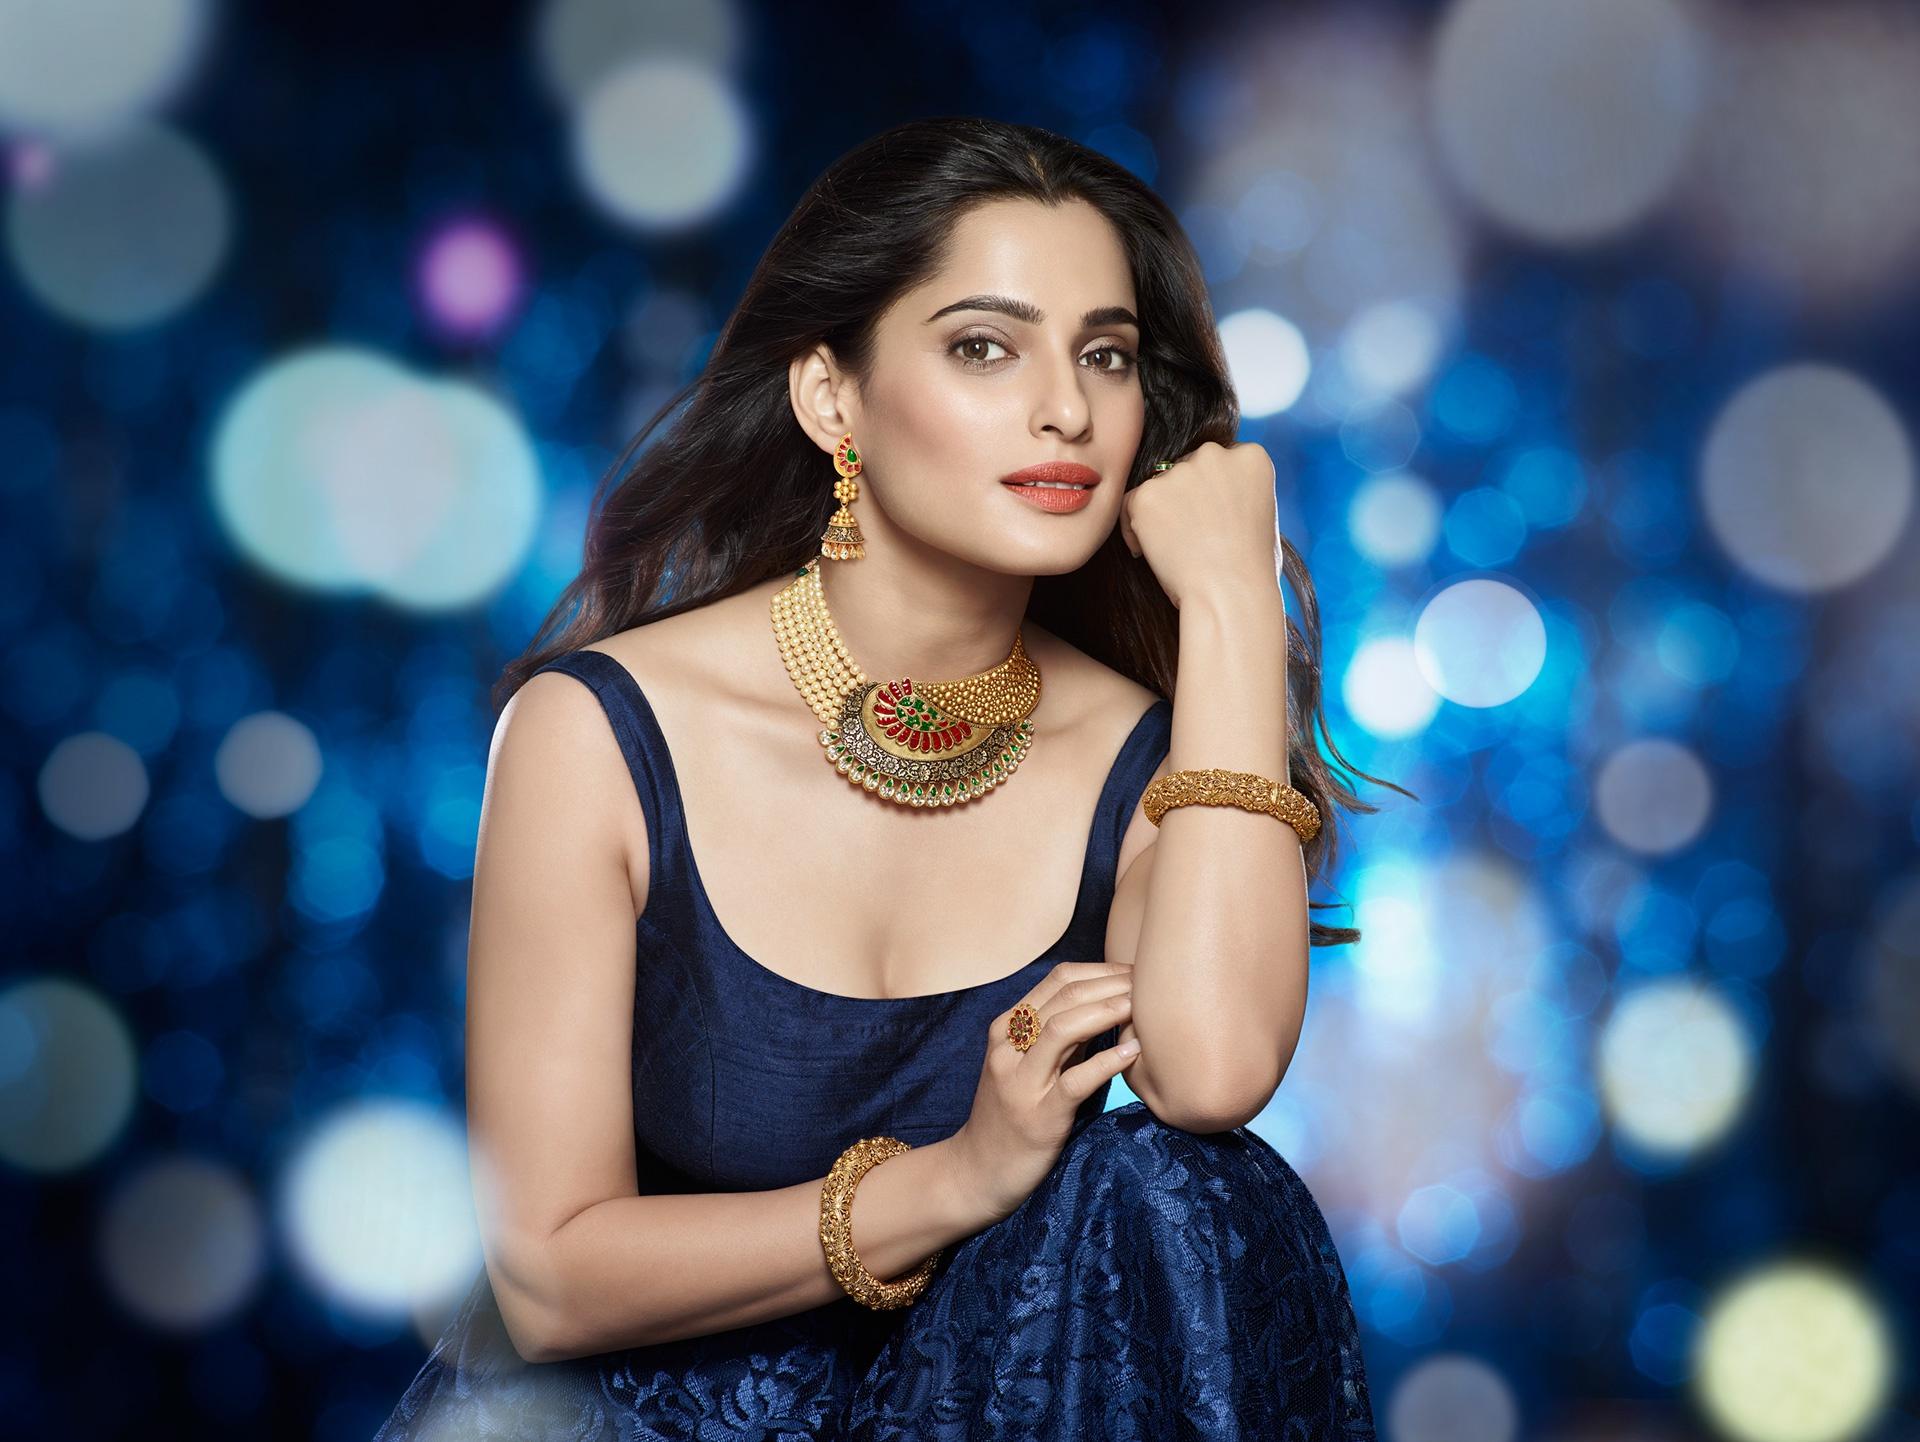 посмотреть фото индийских актрис новых жители говорят, что